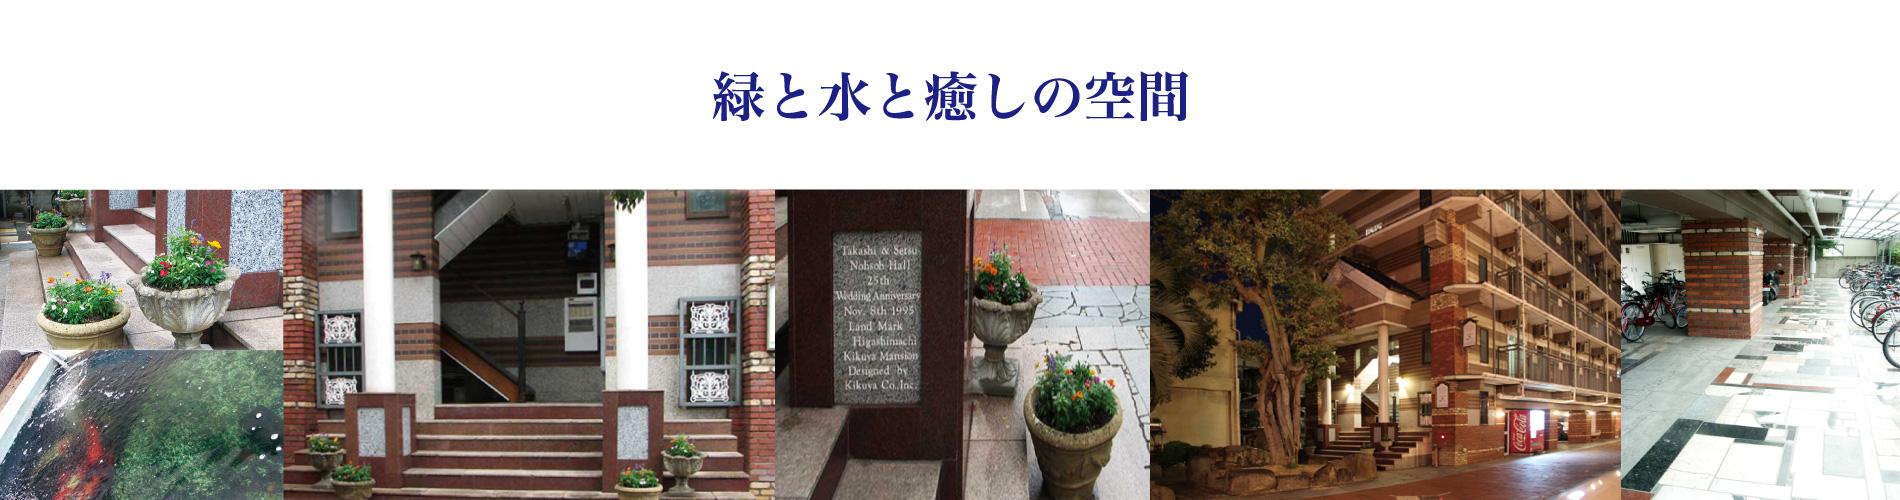 東町菊屋ランドマークマンション